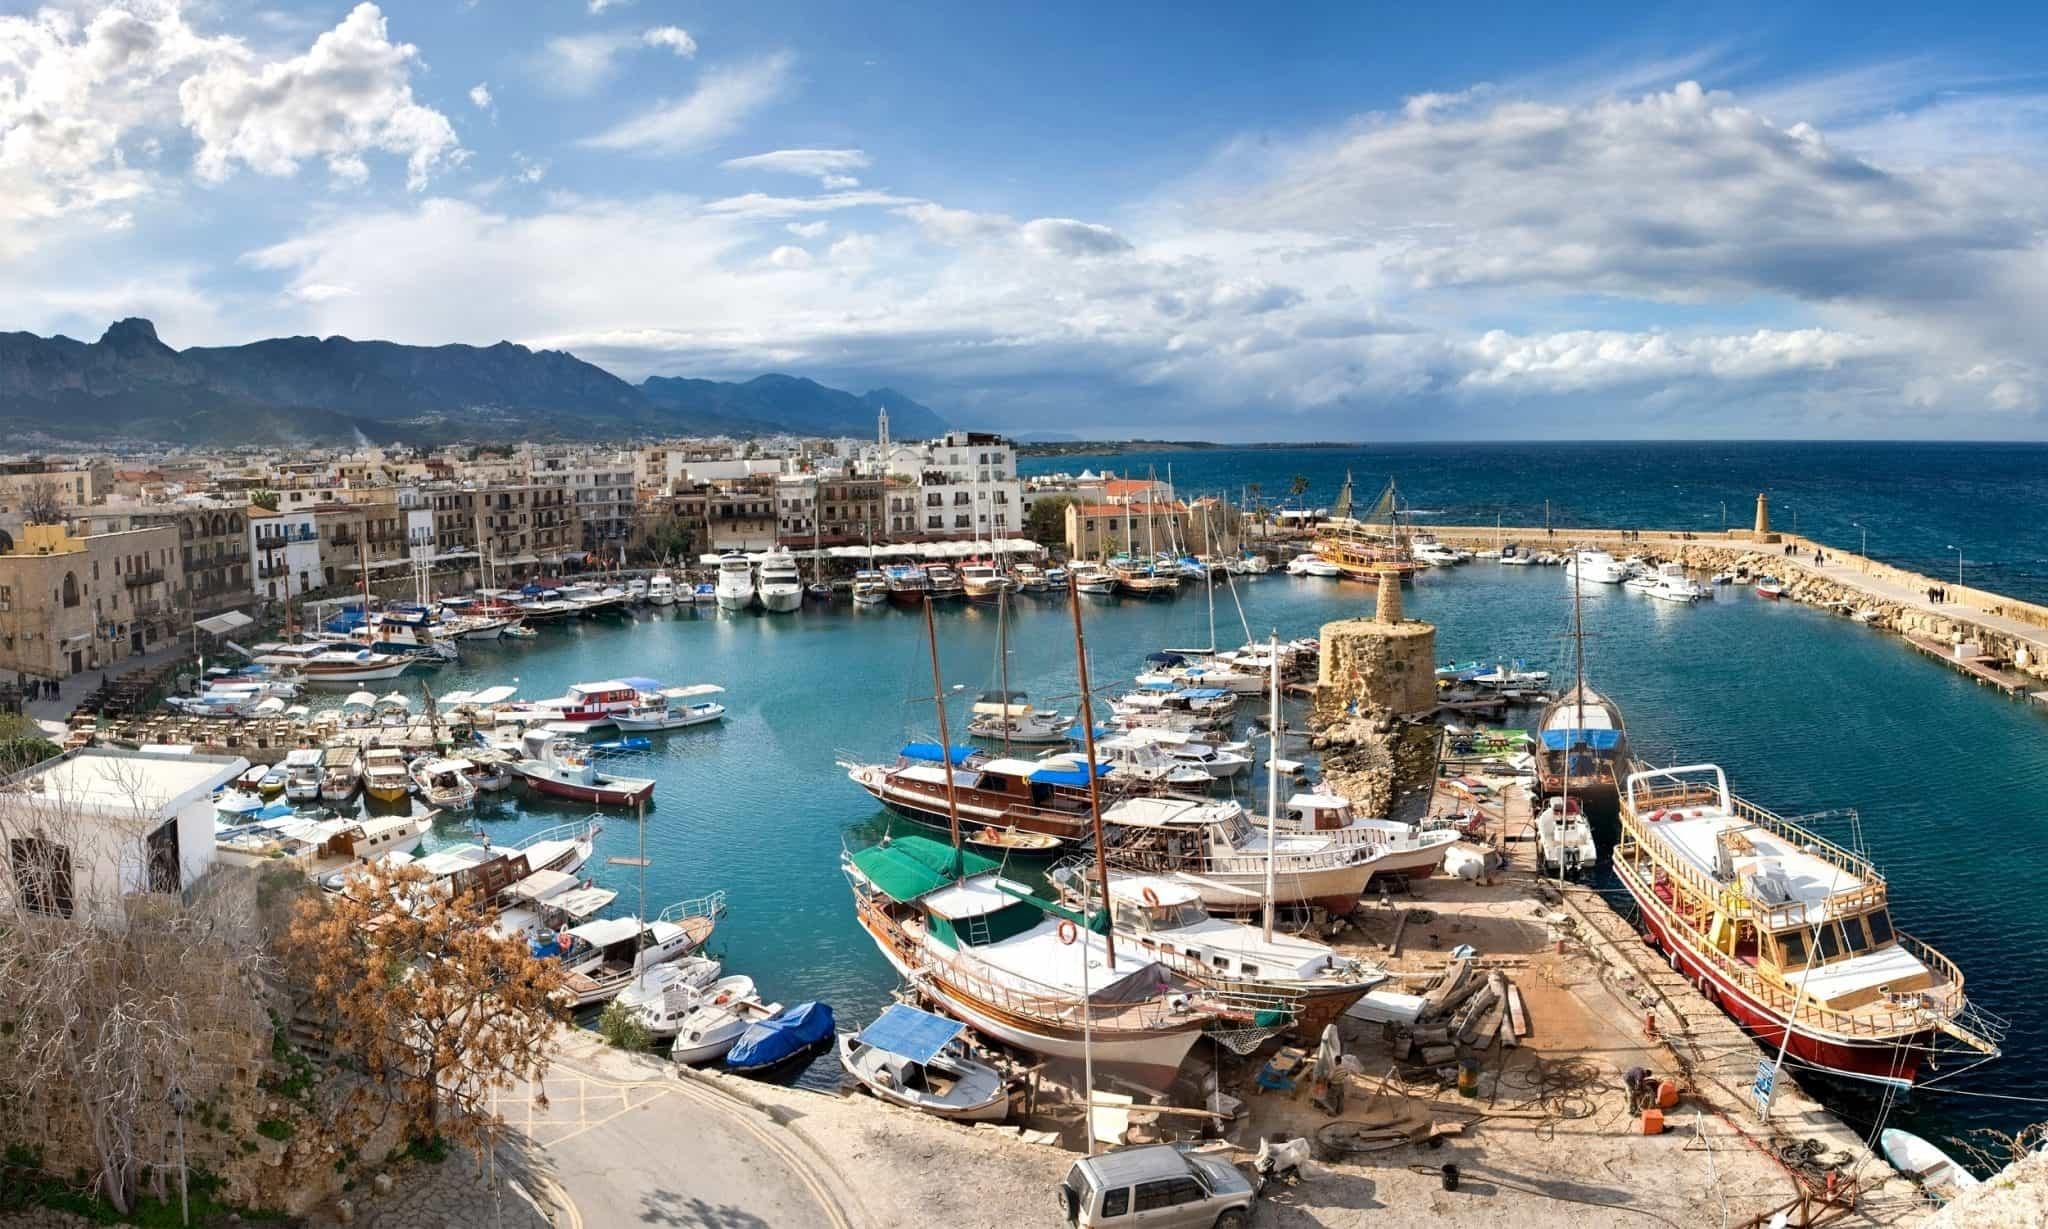 kıbrıs turistik tur Kıbrıs Turistik Şehir Turları